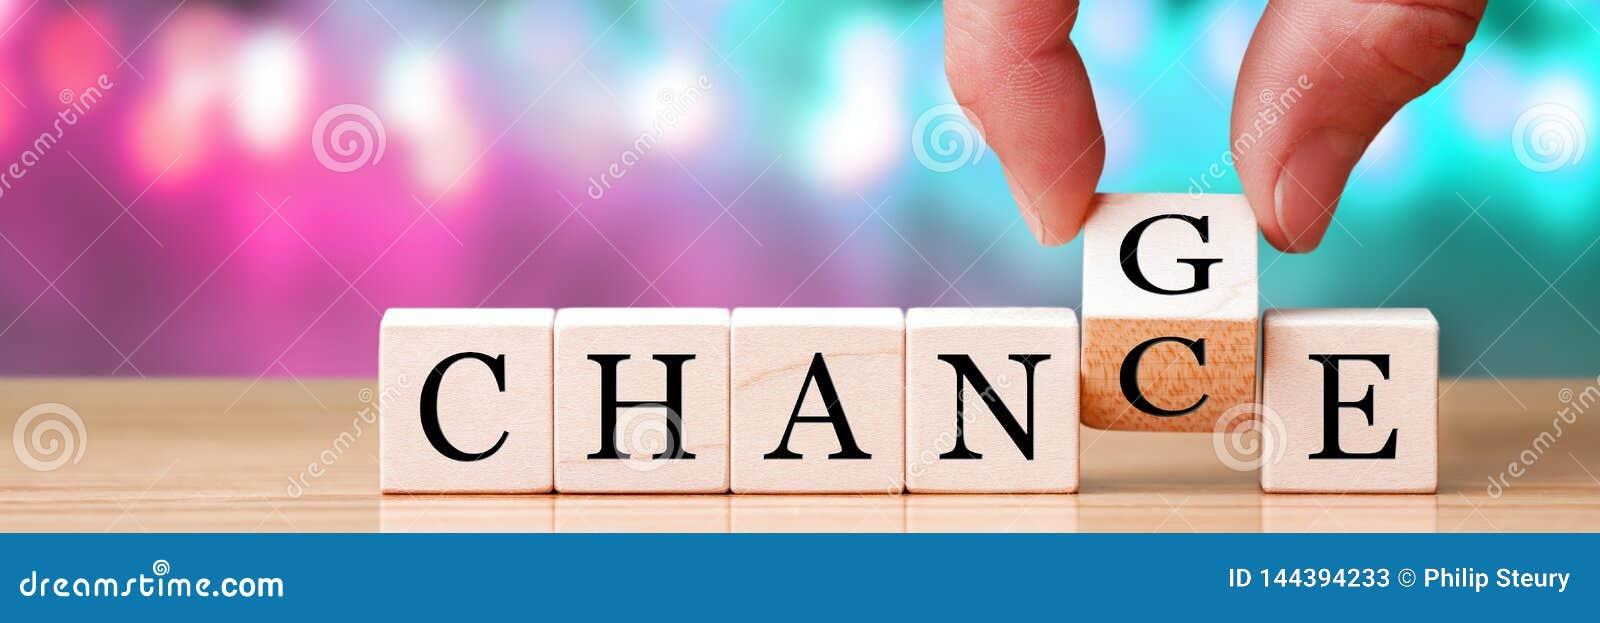 Chance de changer